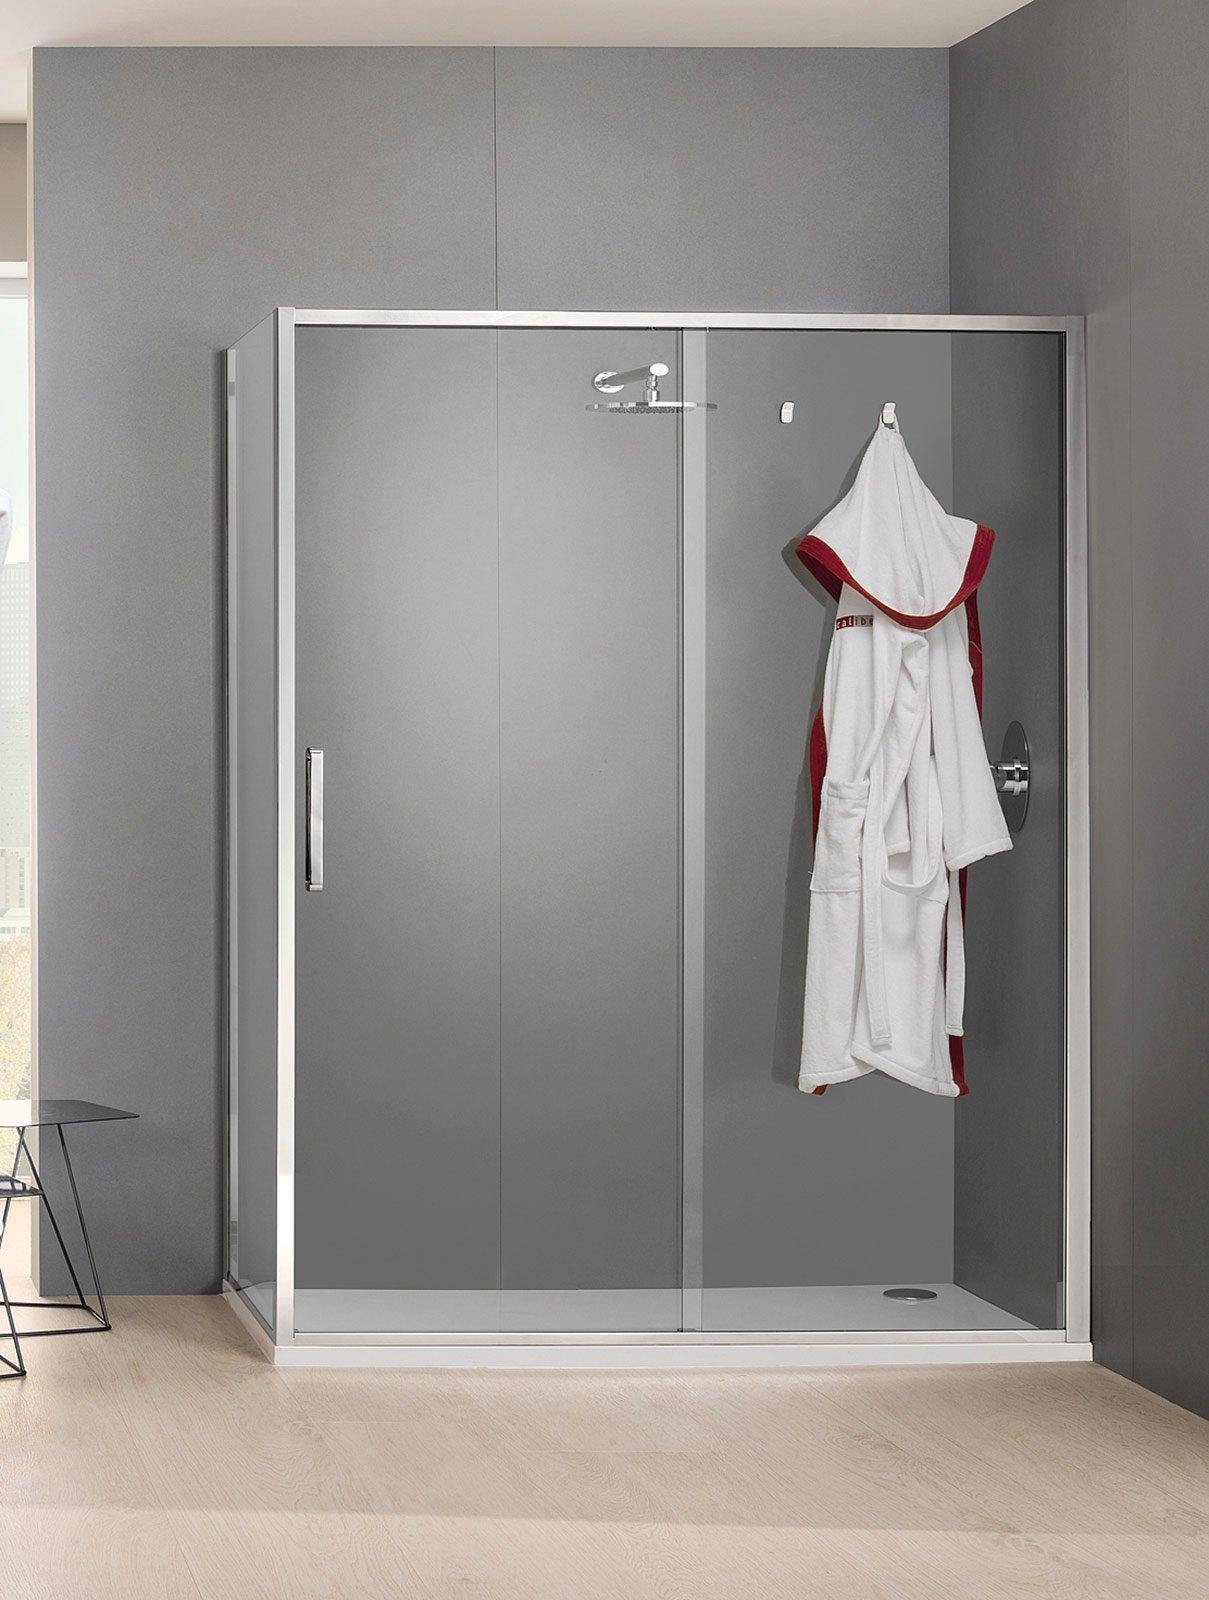 Bagno dettagli di design per la doccia cose di casa for All interno di una cabina